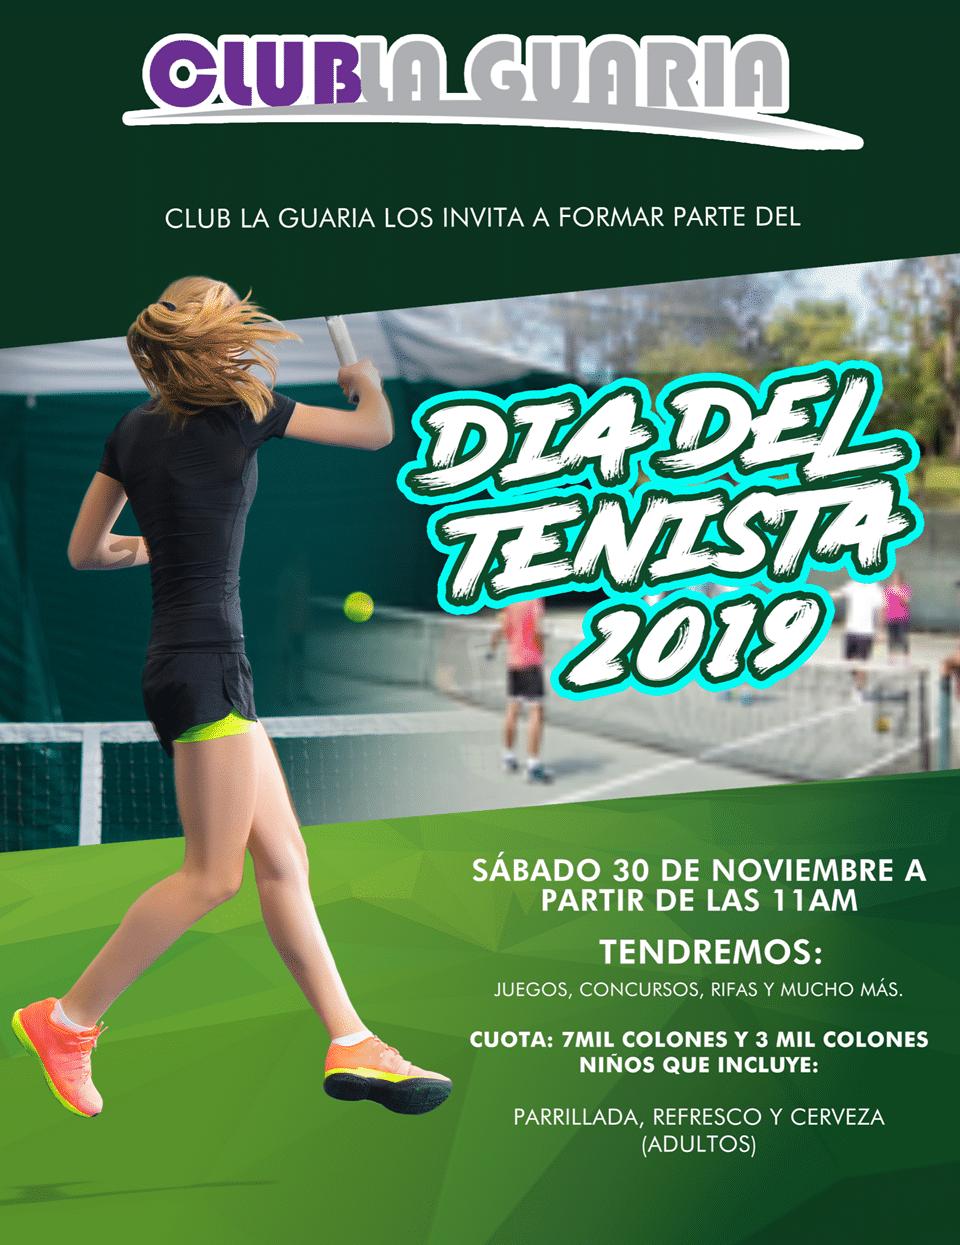 Día del tenista